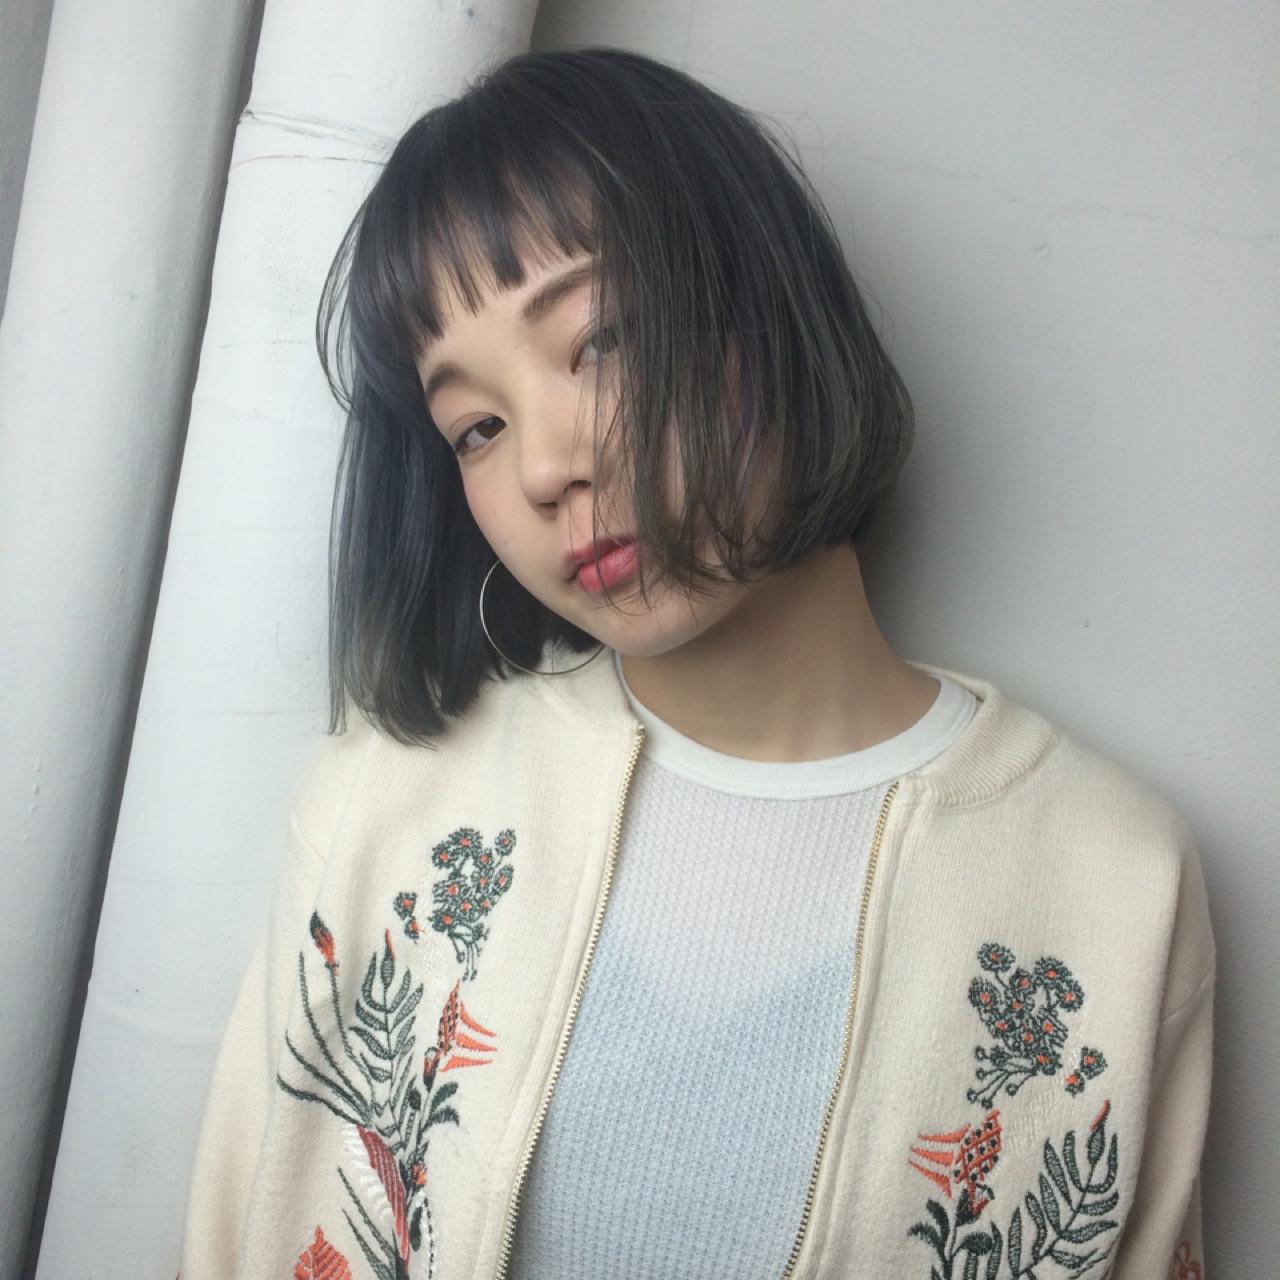 なりたいが叶う♡印象別黒髪ぱっつんボブスタイルを紹介! natsuki